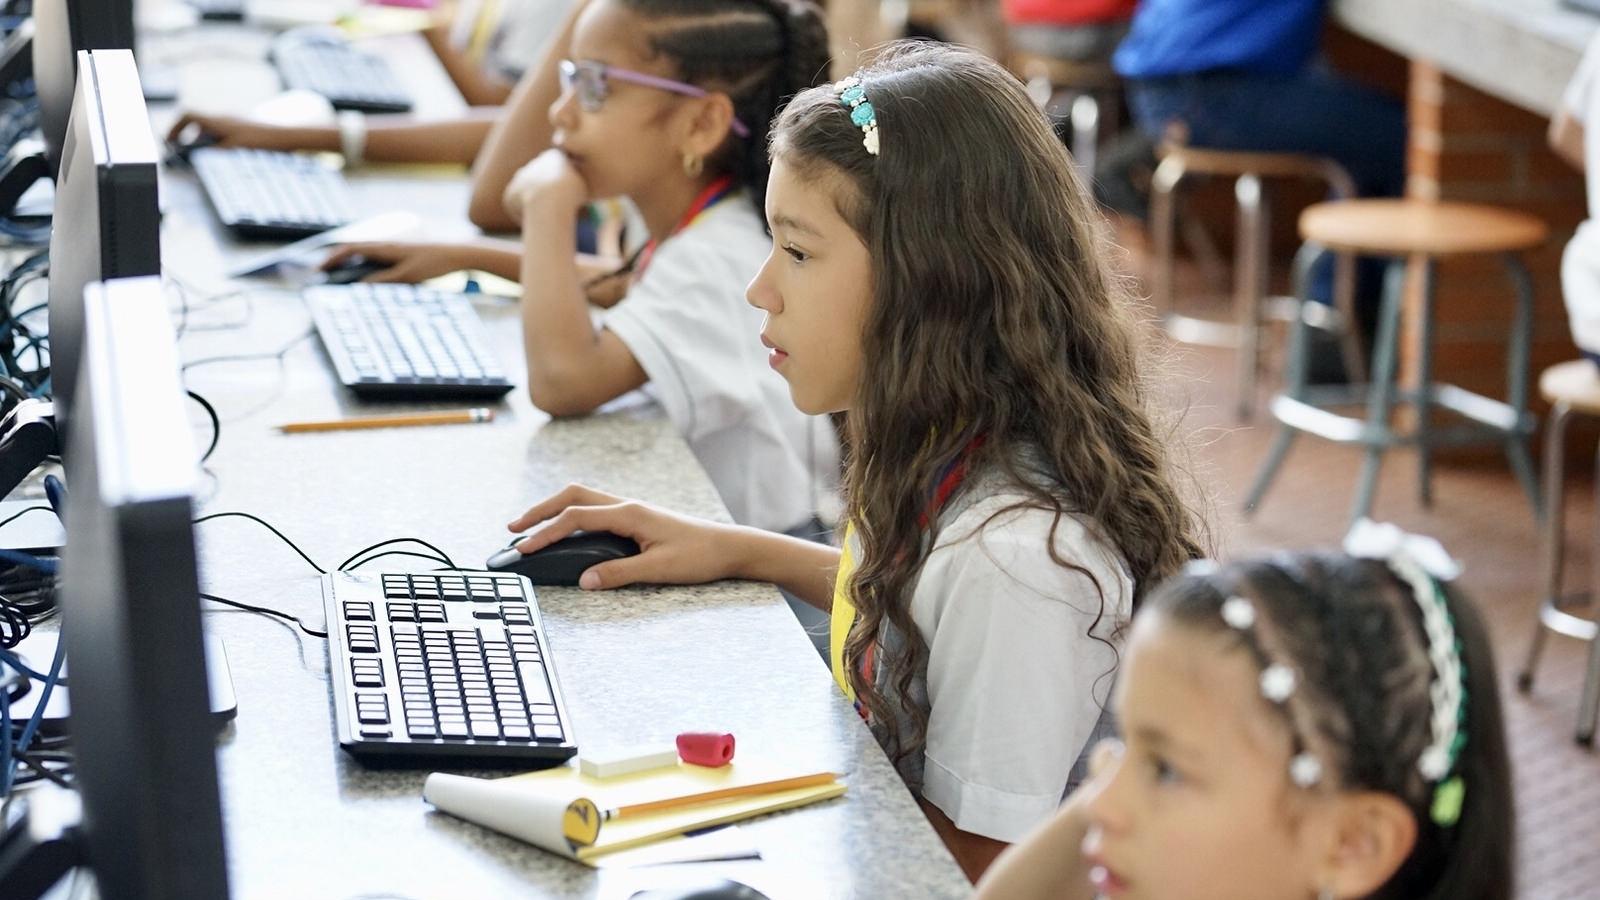 Mineducación insiste: niños venezolanos pueden estudiar en Colombia